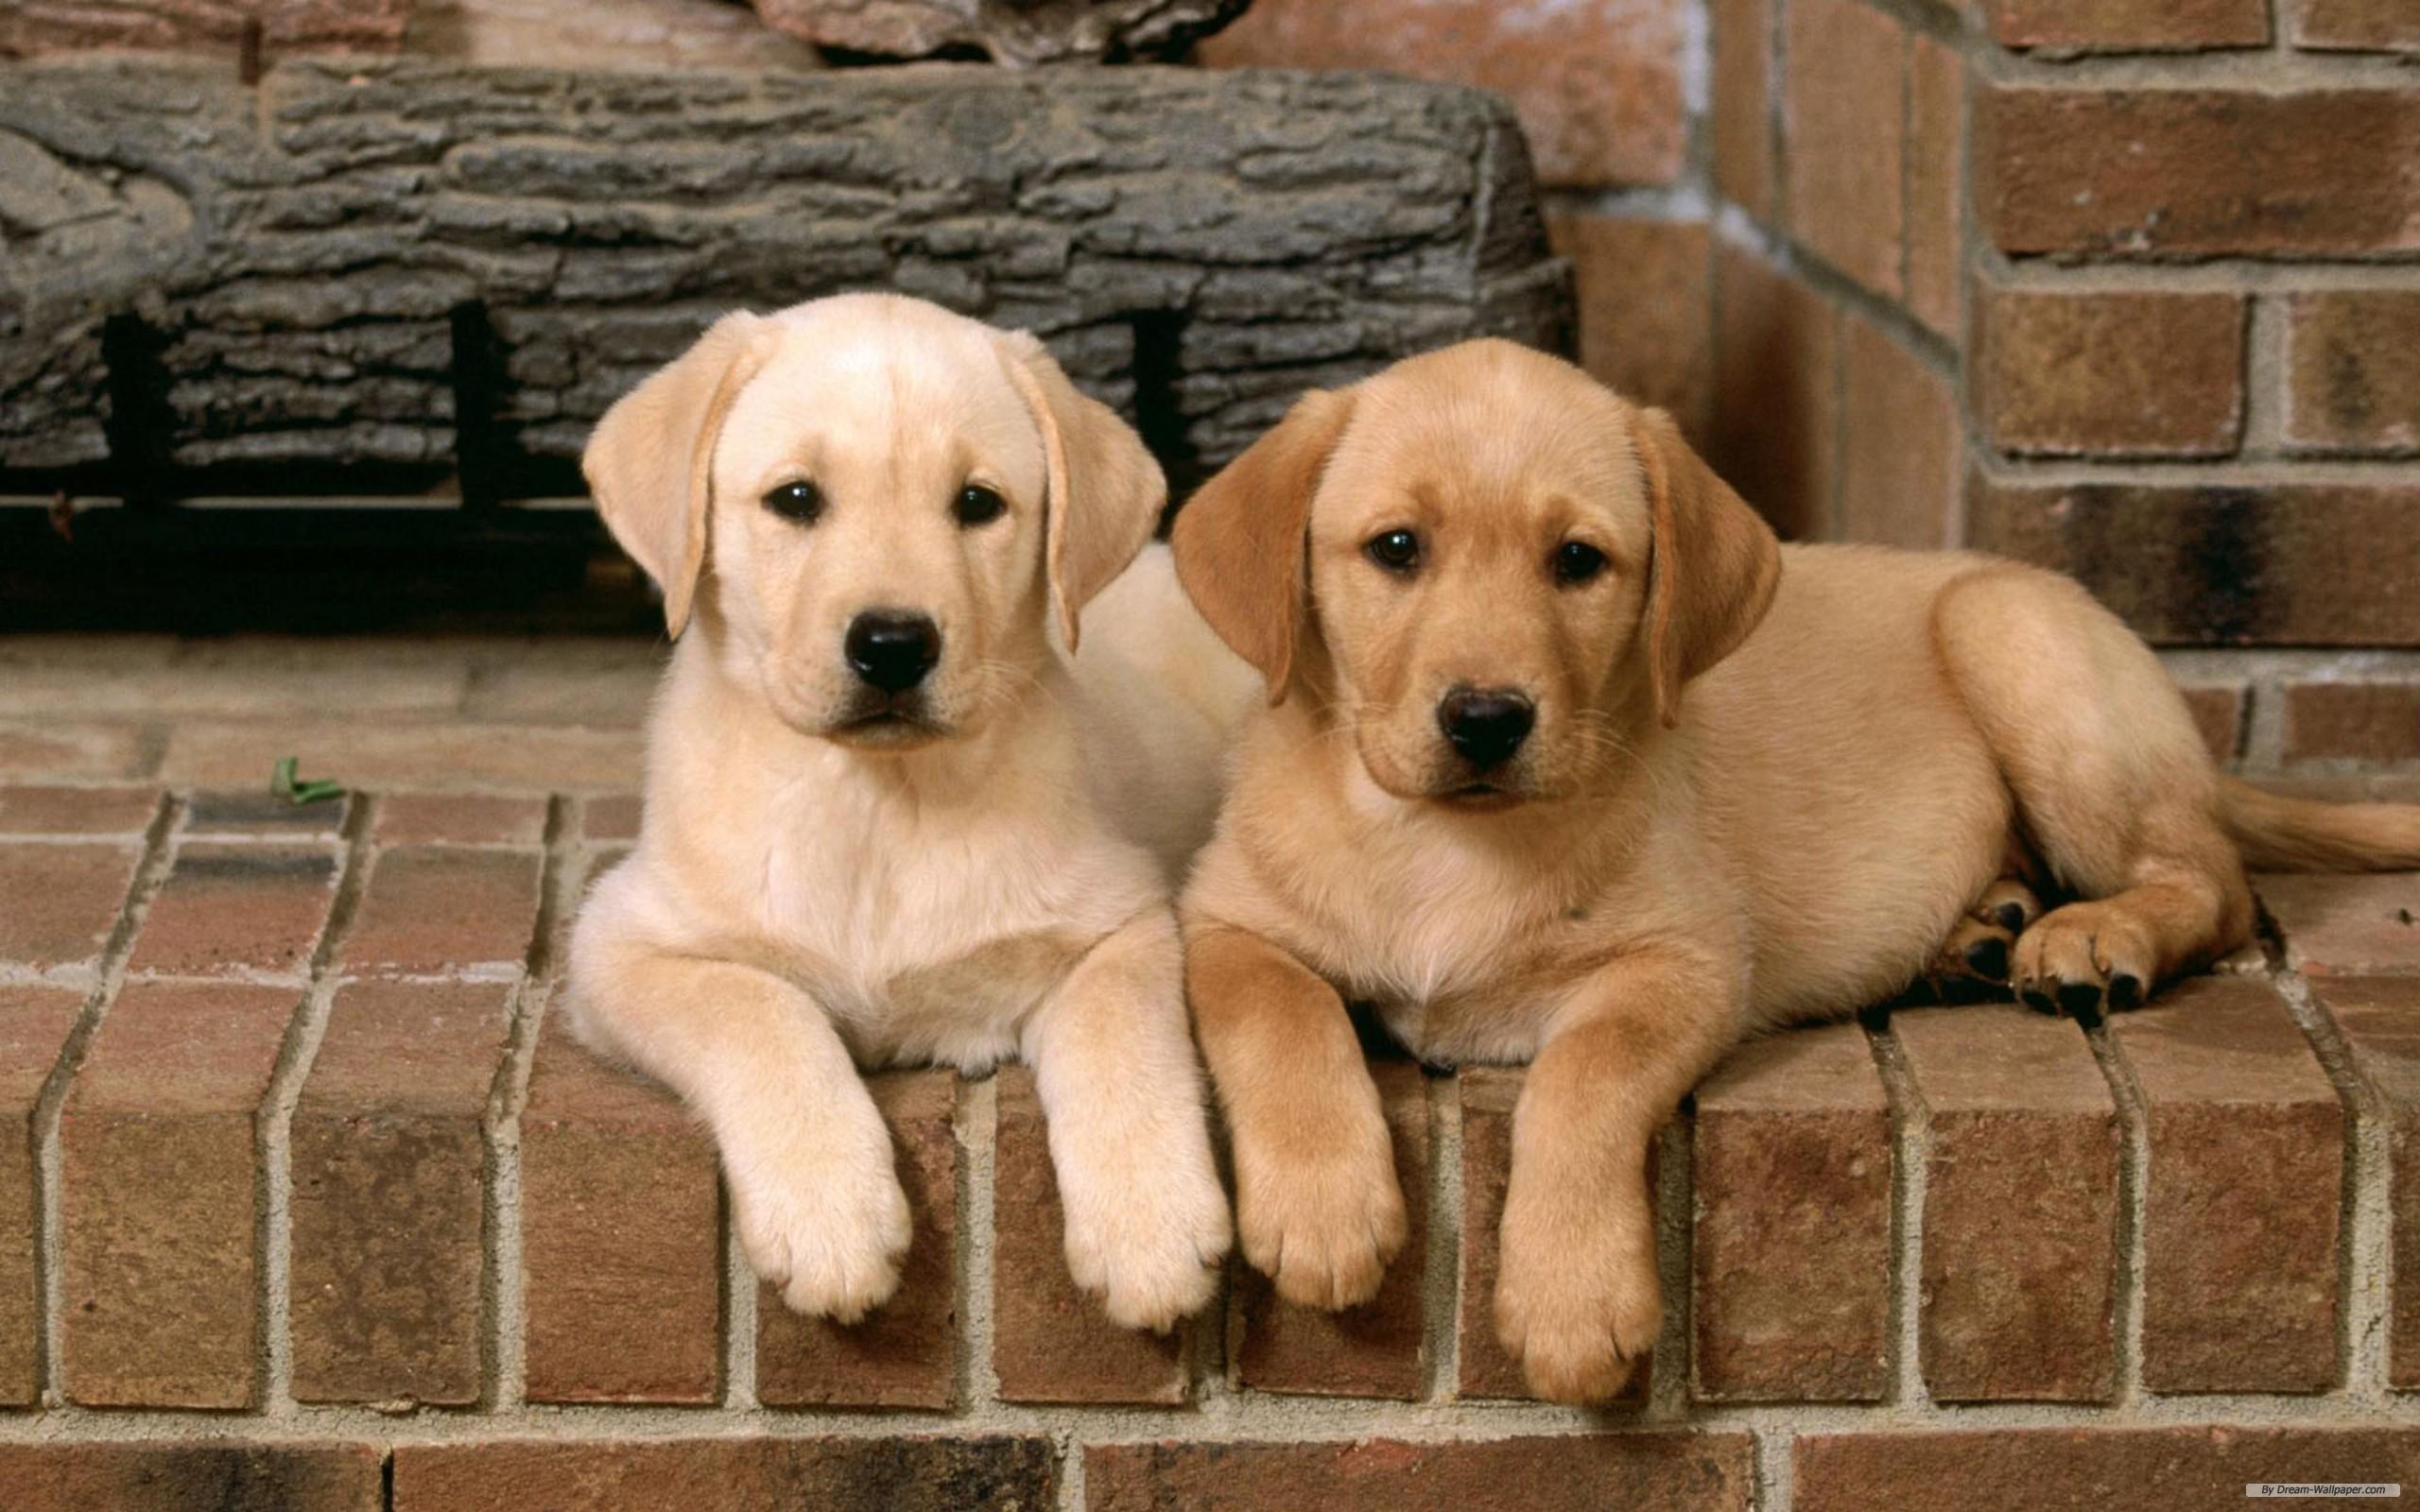 Dogs - Dogs Wallpaper (16761952) - Fanpop: www.fanpop.com/clubs/dogs/images/16761952/title/dogs-wallpaper